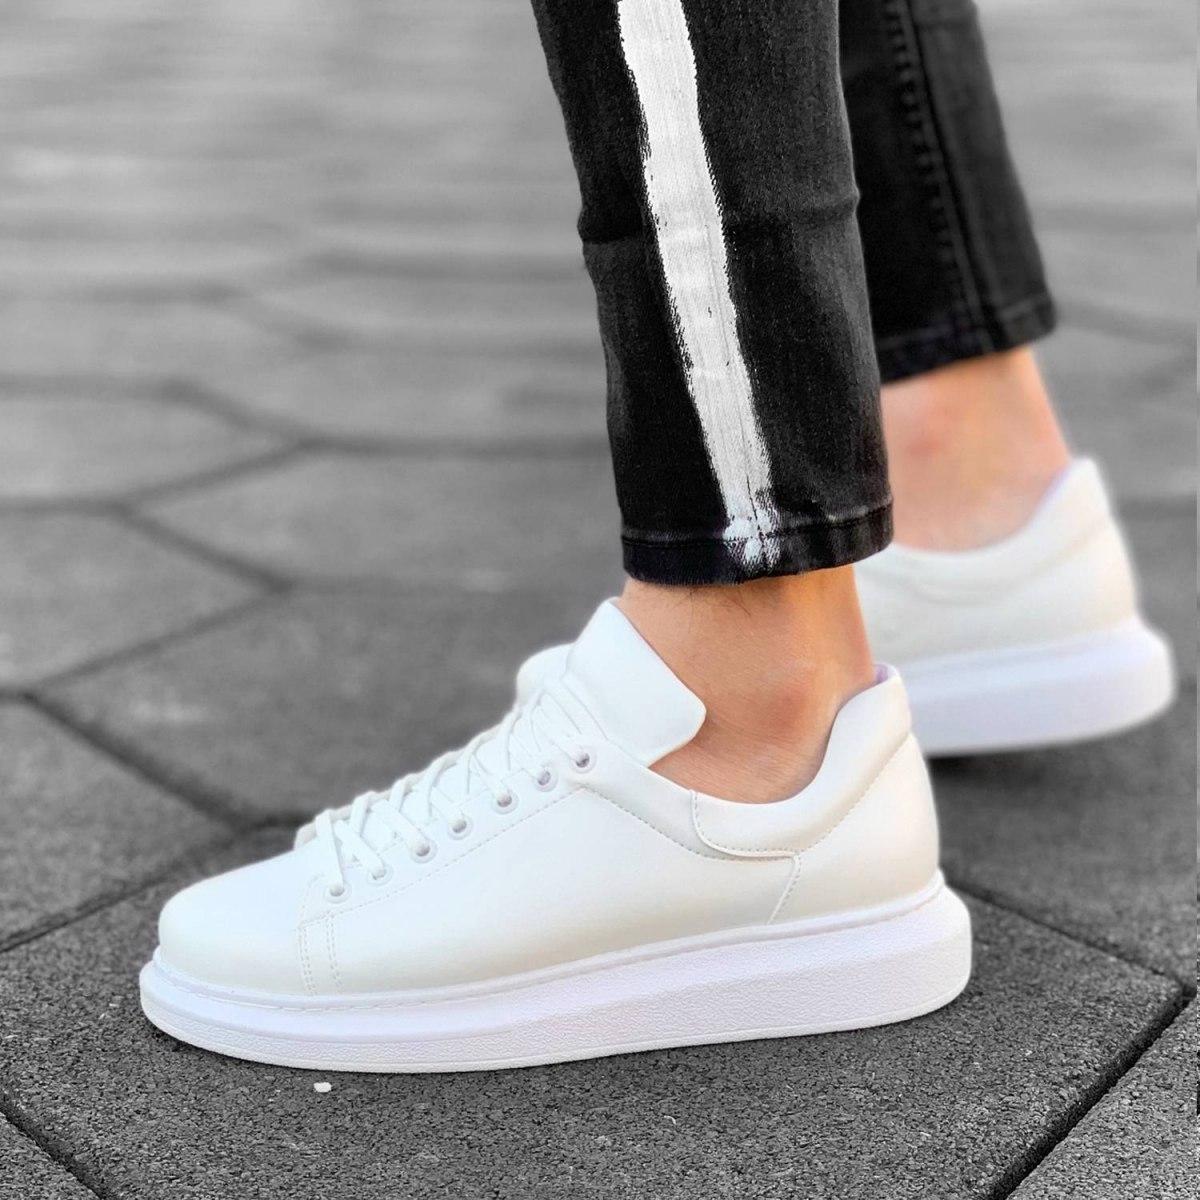 MV Whiteout Mega Sole Sneaker MV Sneaker Collection - 2